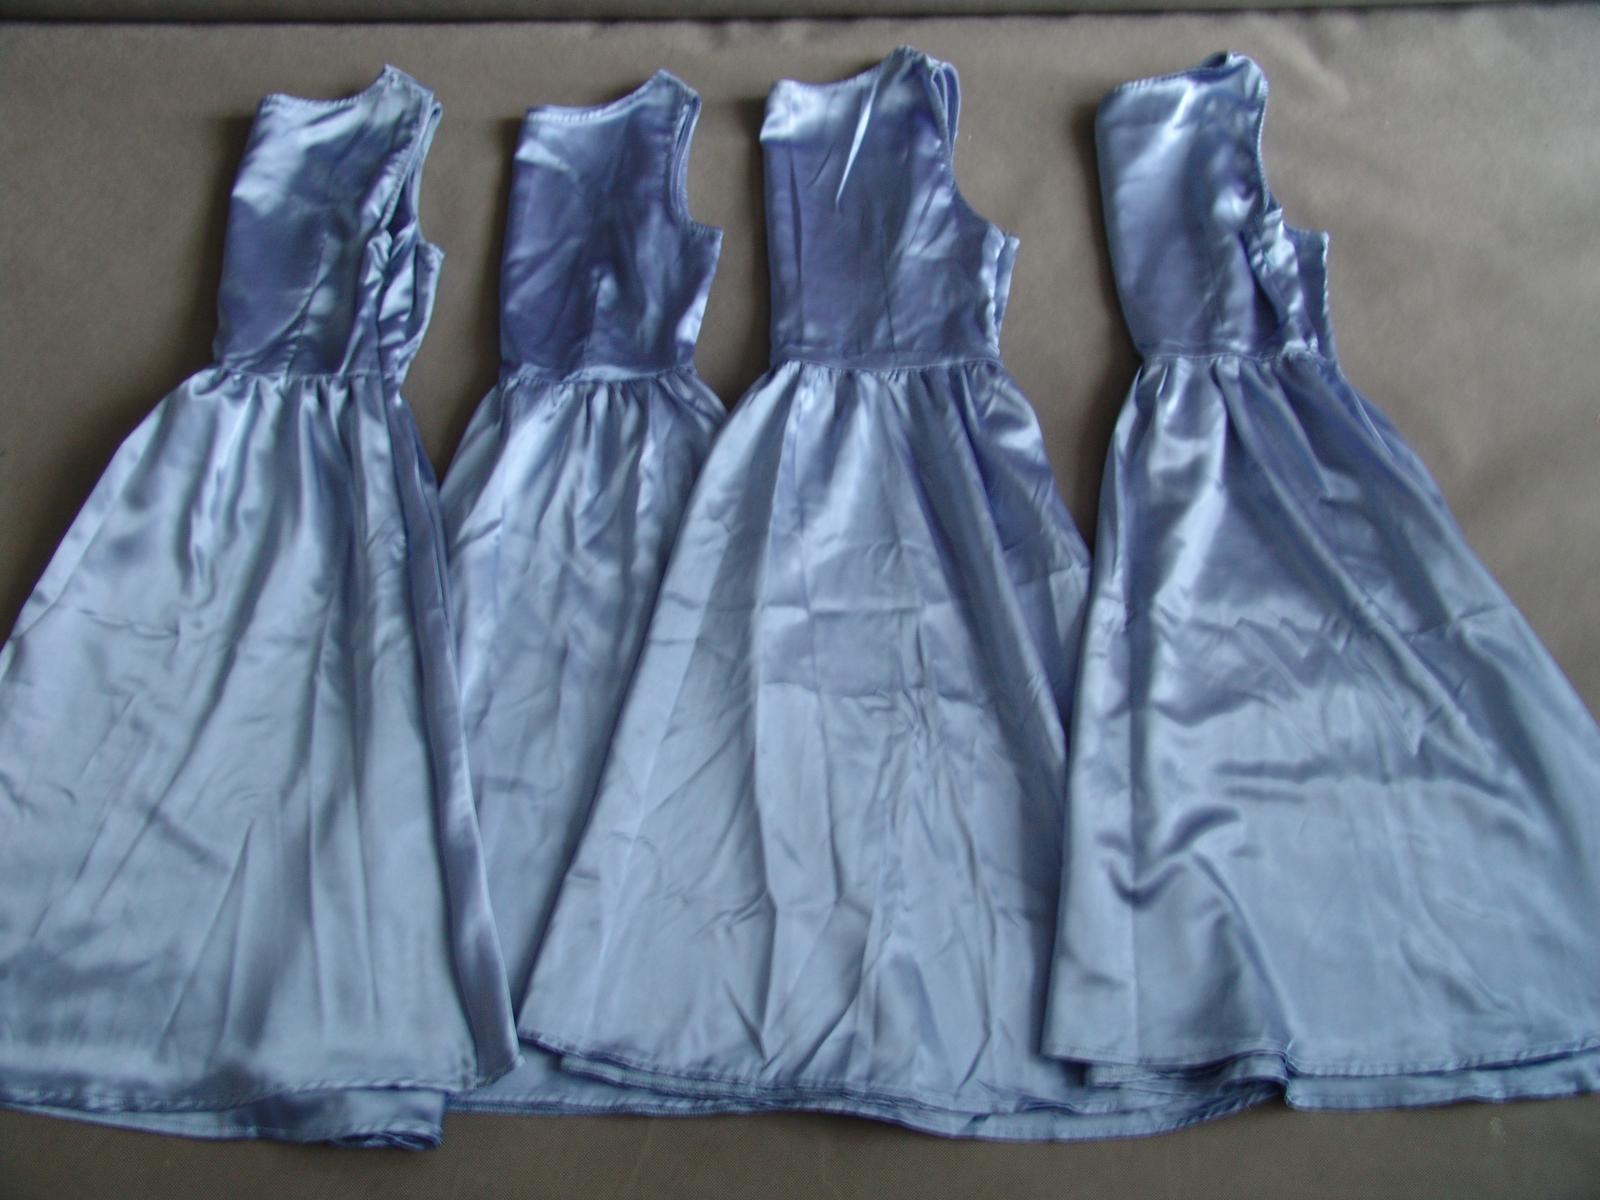 Modré společenské šaty, S-L - Obrázek č. 1